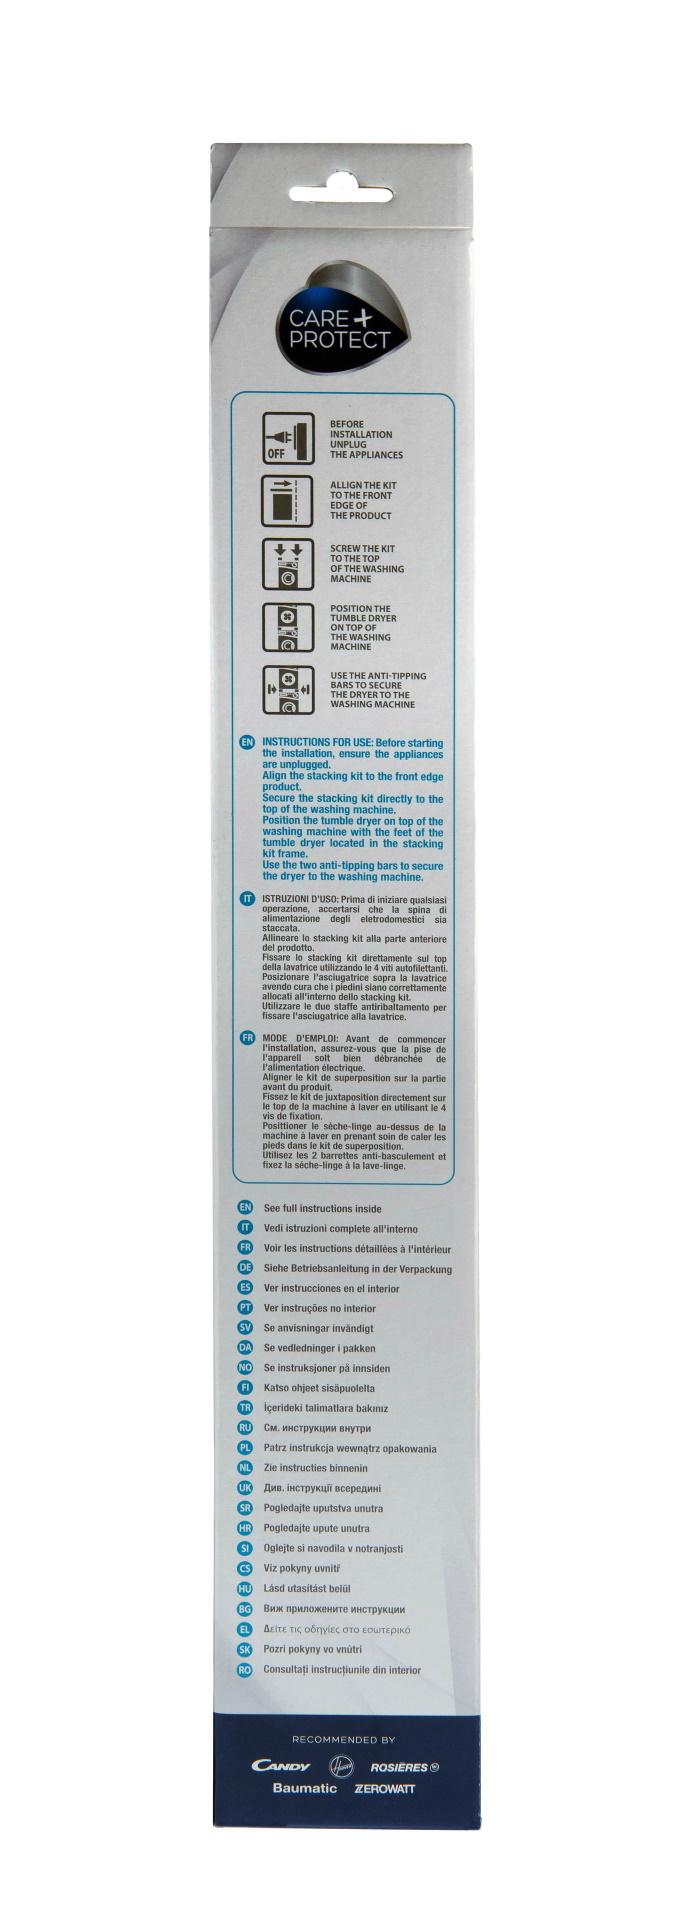 Соединительные элементы Соединительный элемент WSK1101